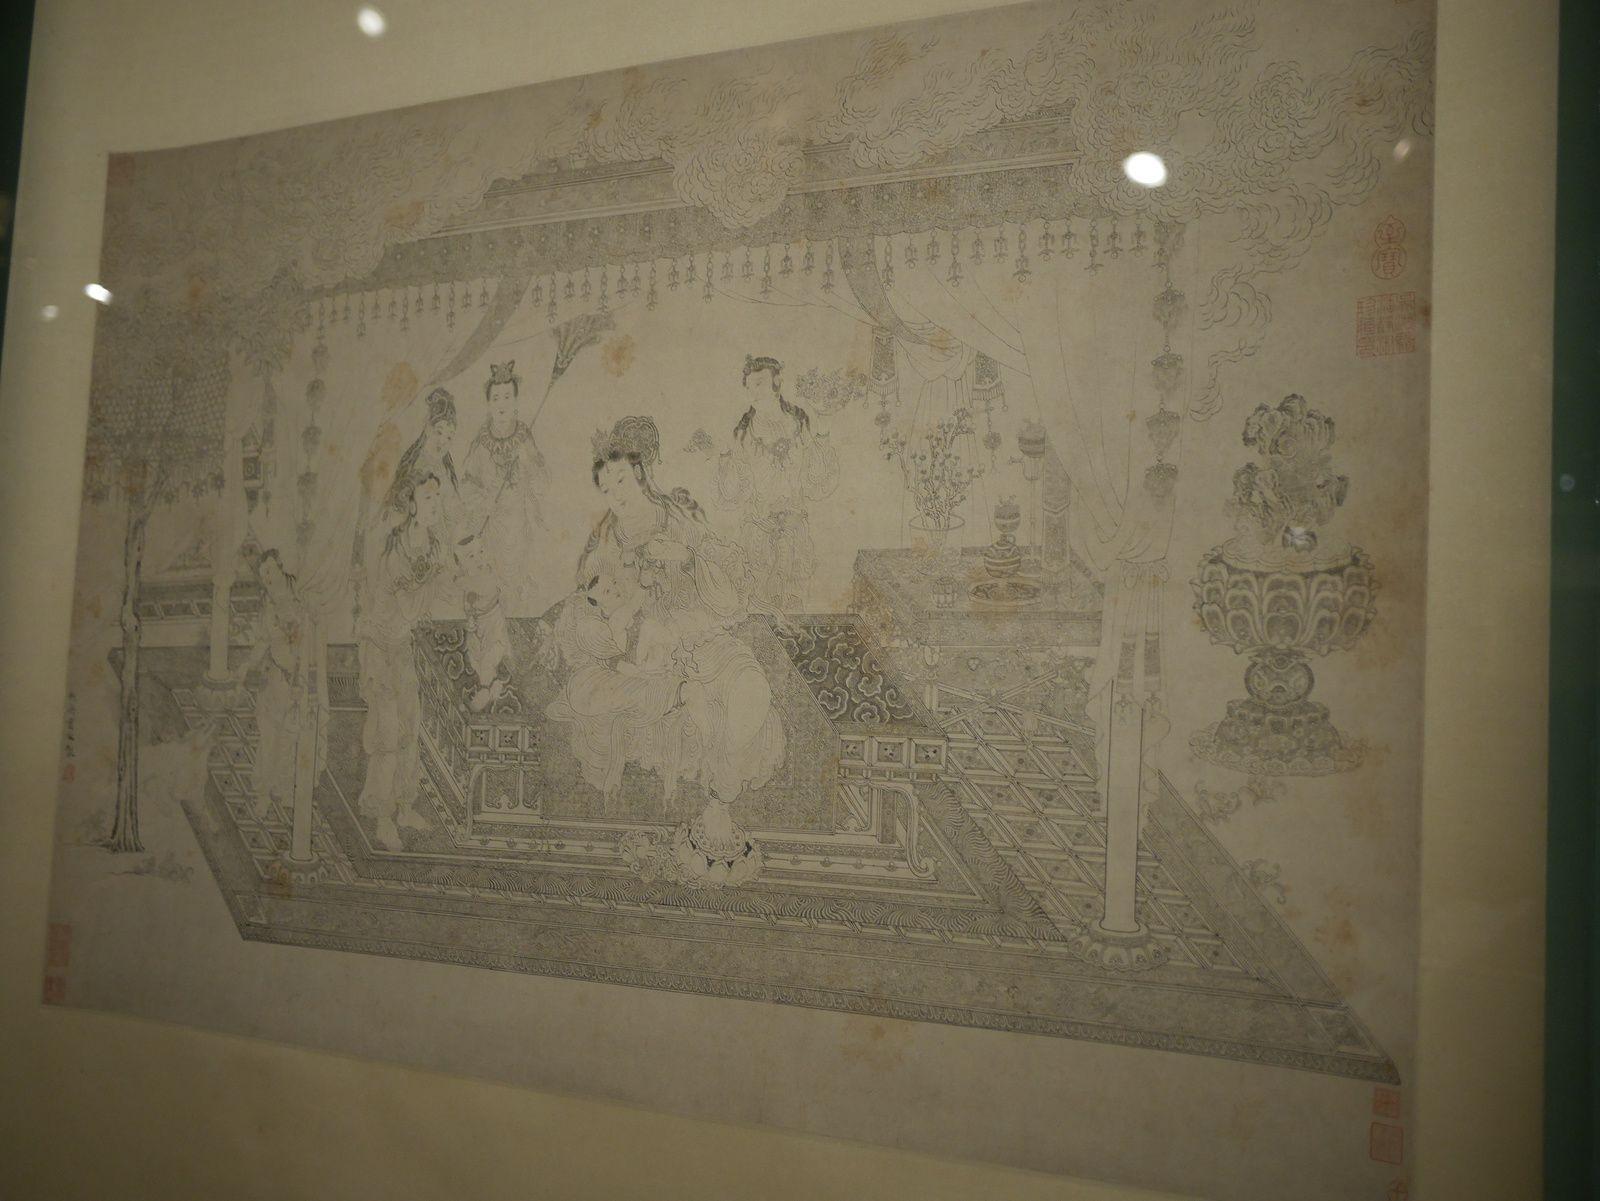 Parfum de Chine: trésors de la Chine impériale pour un art millénaire à voir jusqu'au 26 août 2018 au musée Cernuschi